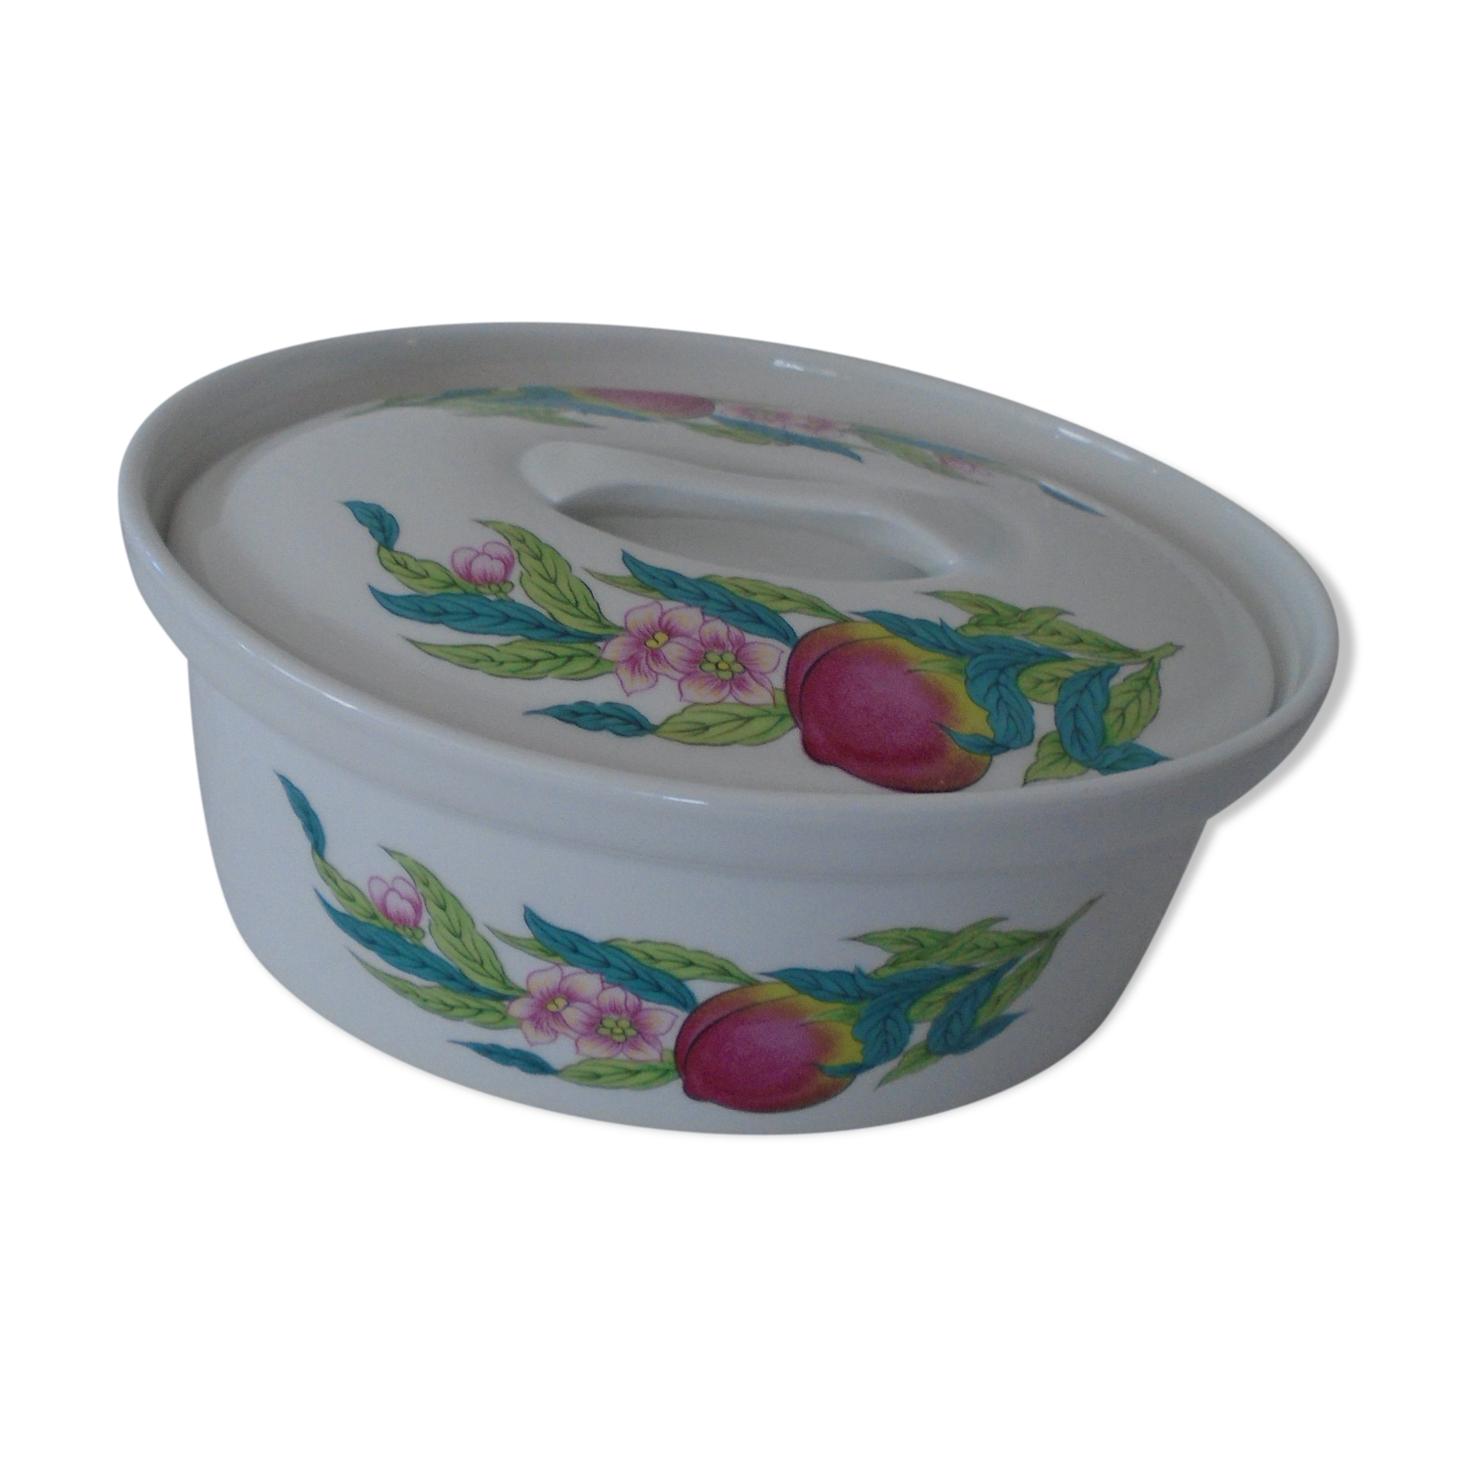 Plat porcelaine de Paris modèle Abondance fleurs roses